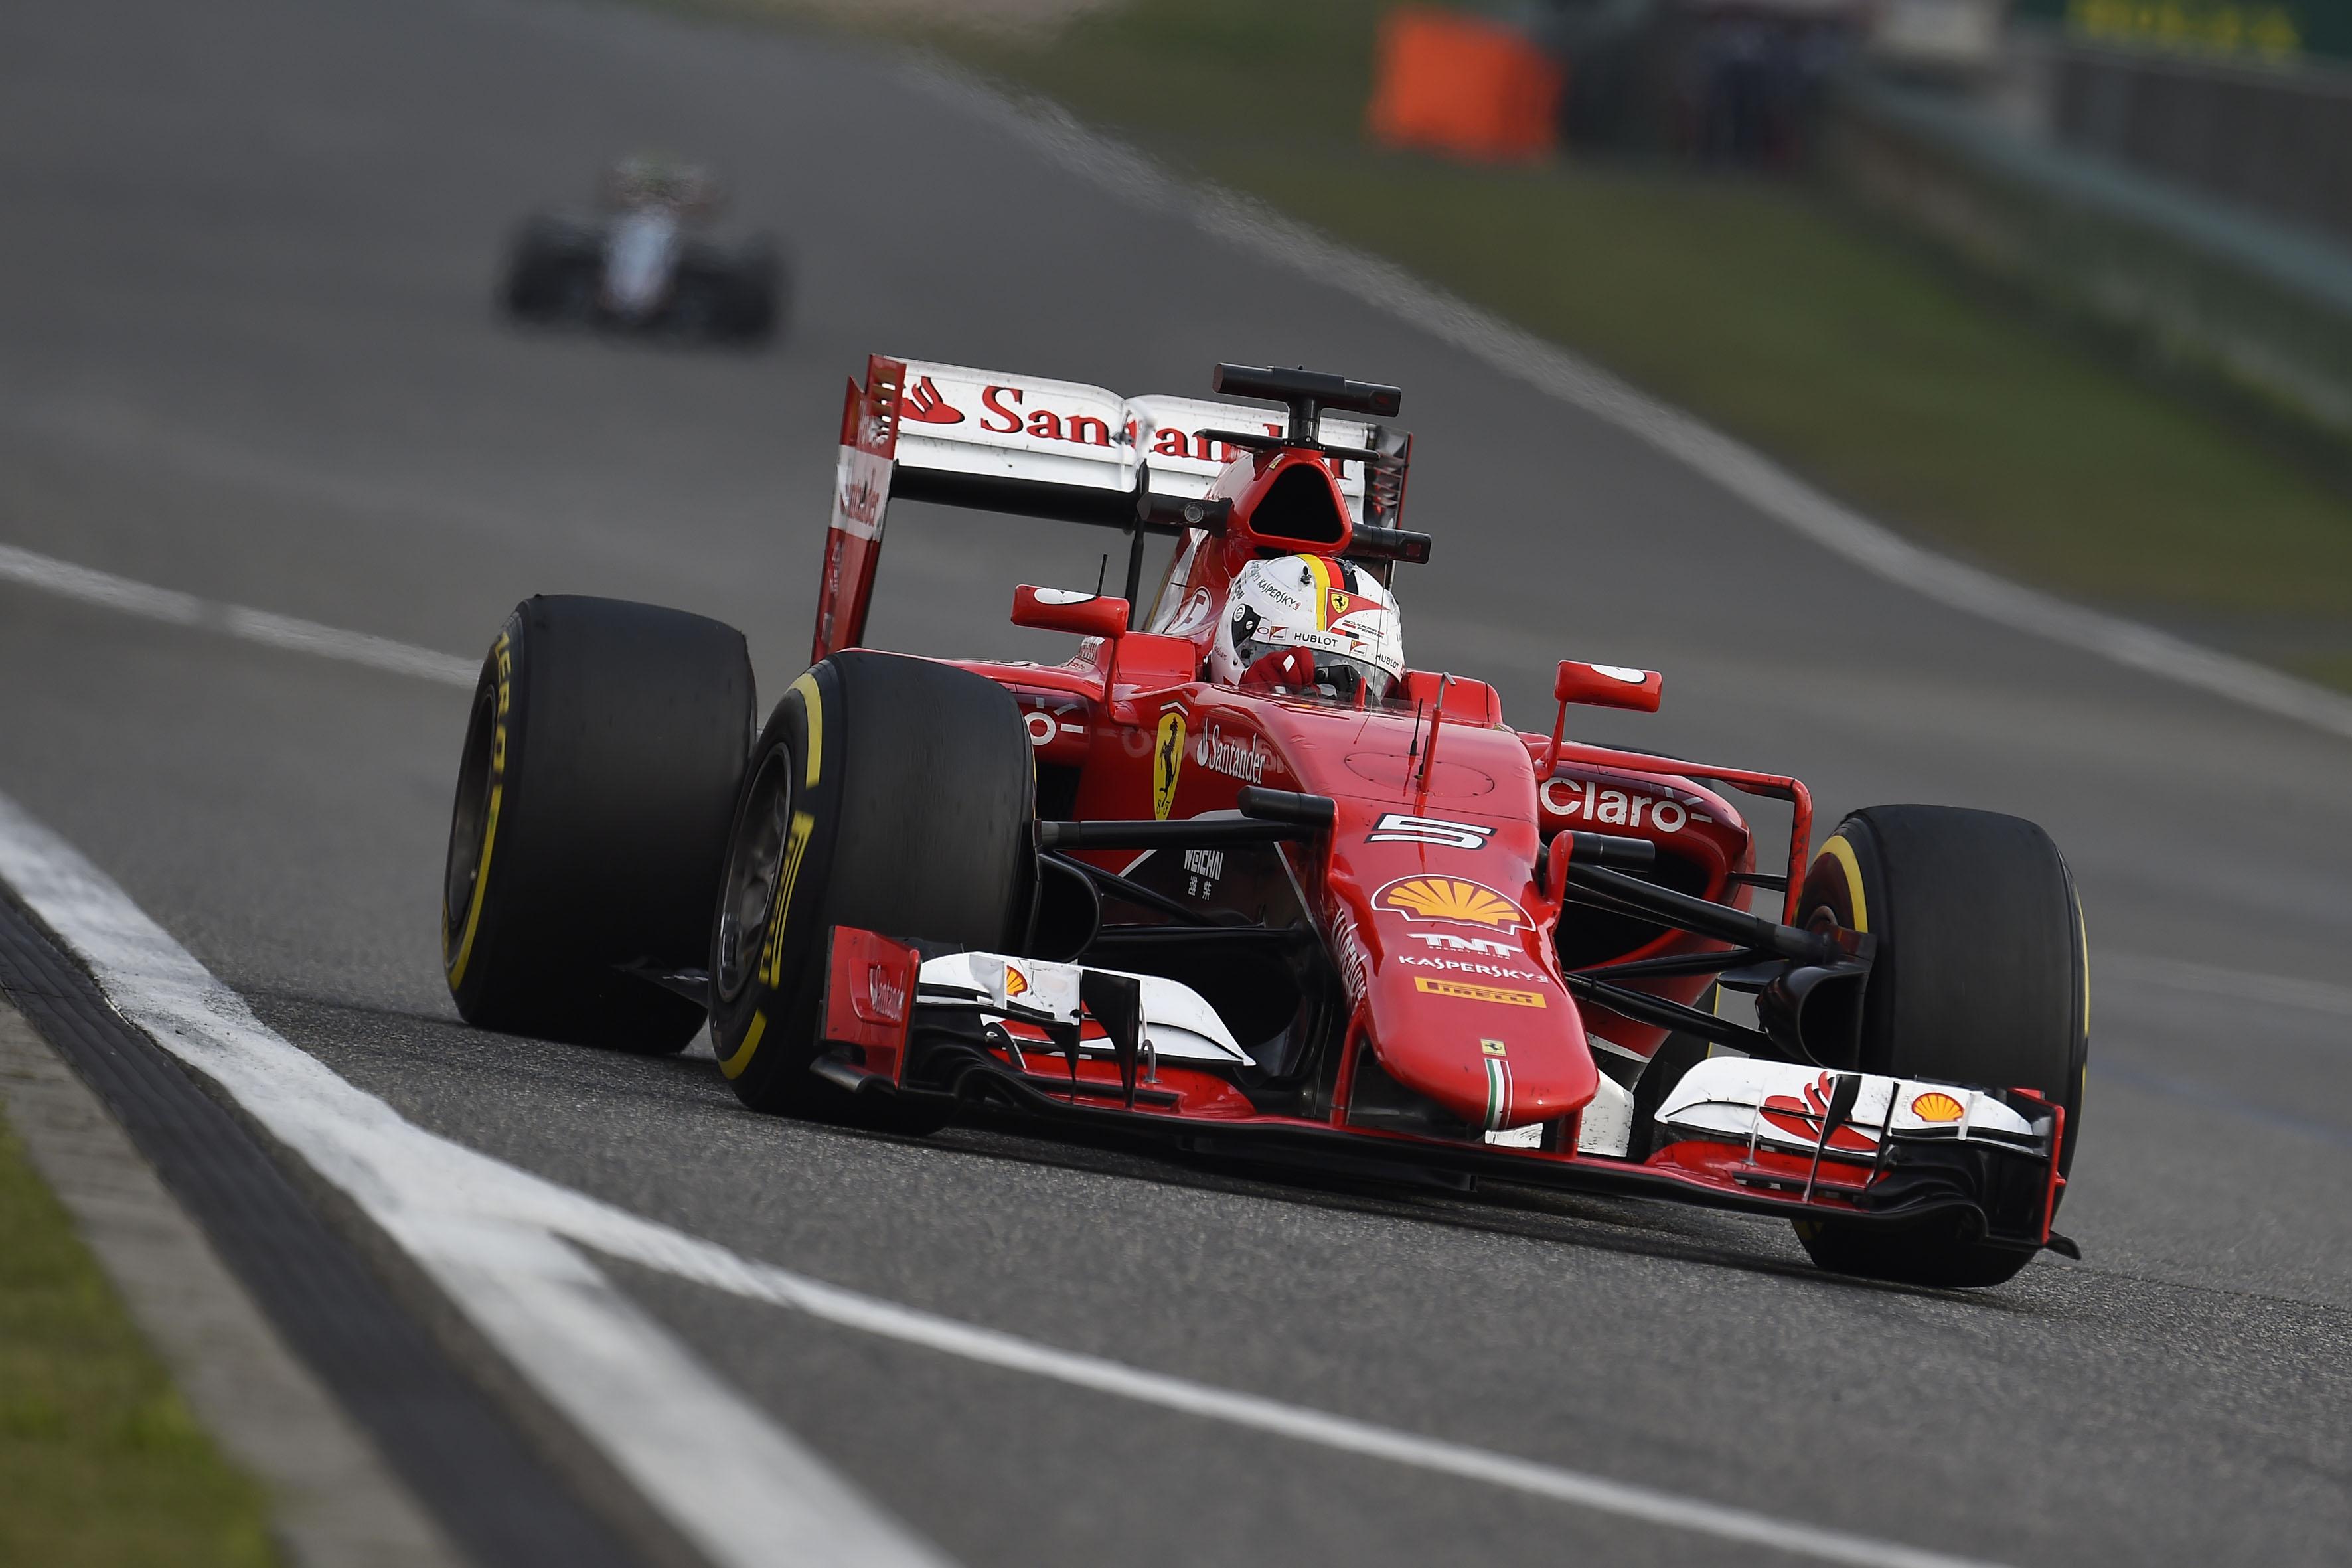 Cina: il punto della Ferrari sulle qualifiche